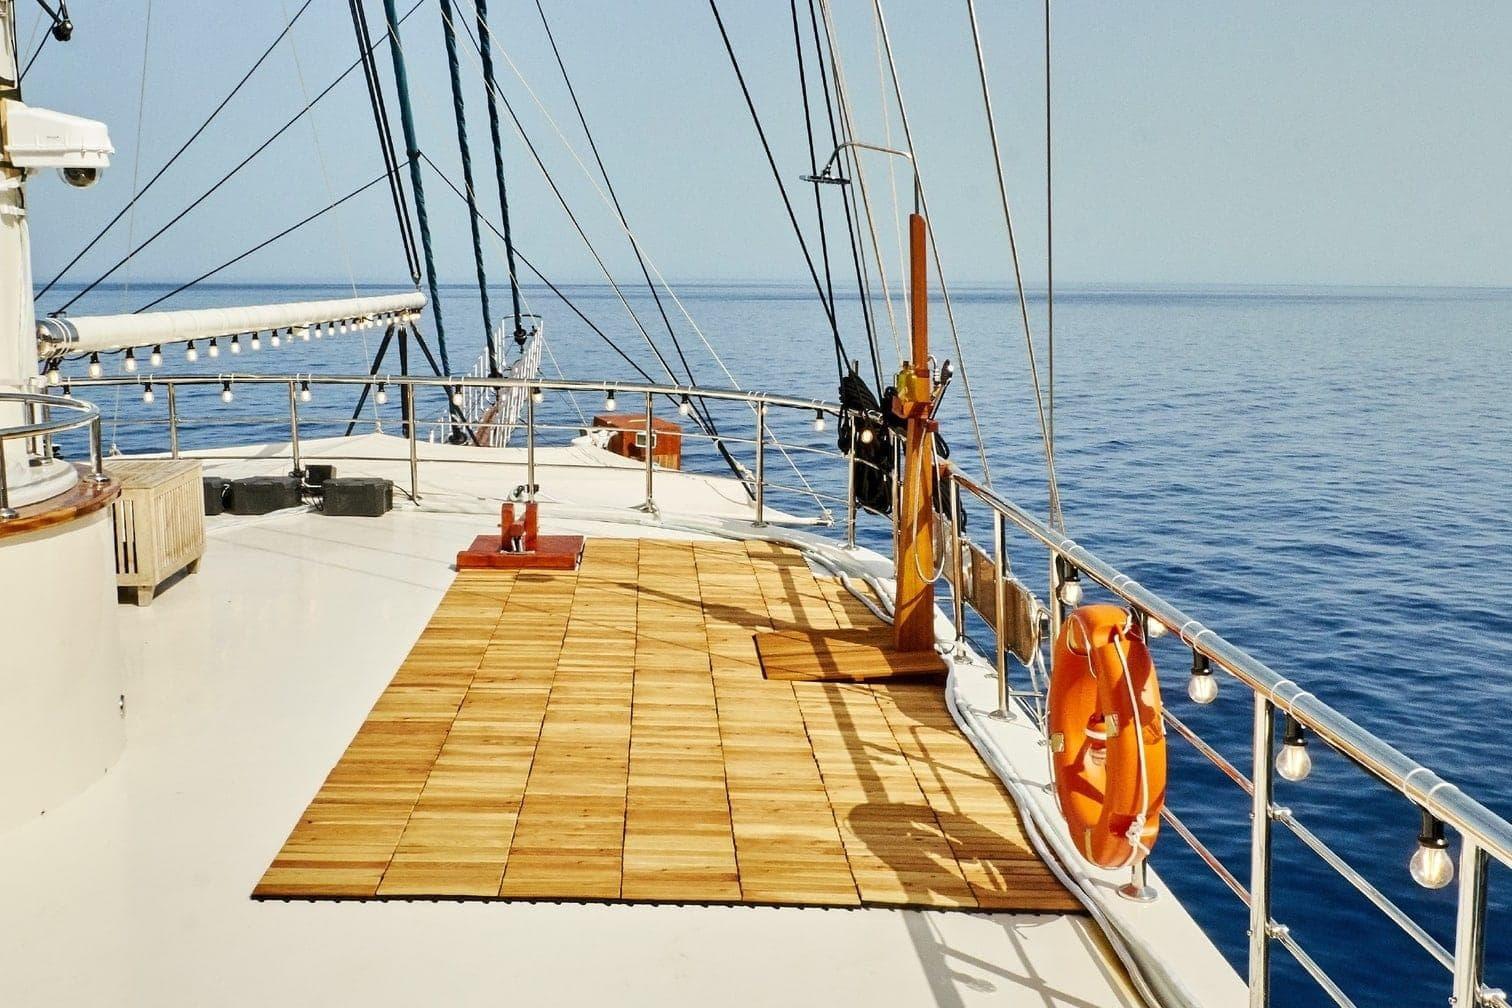 <p>Das Deck der Jacht lädt zum sonnenbaden ein.</p> Foto: MG RTL D